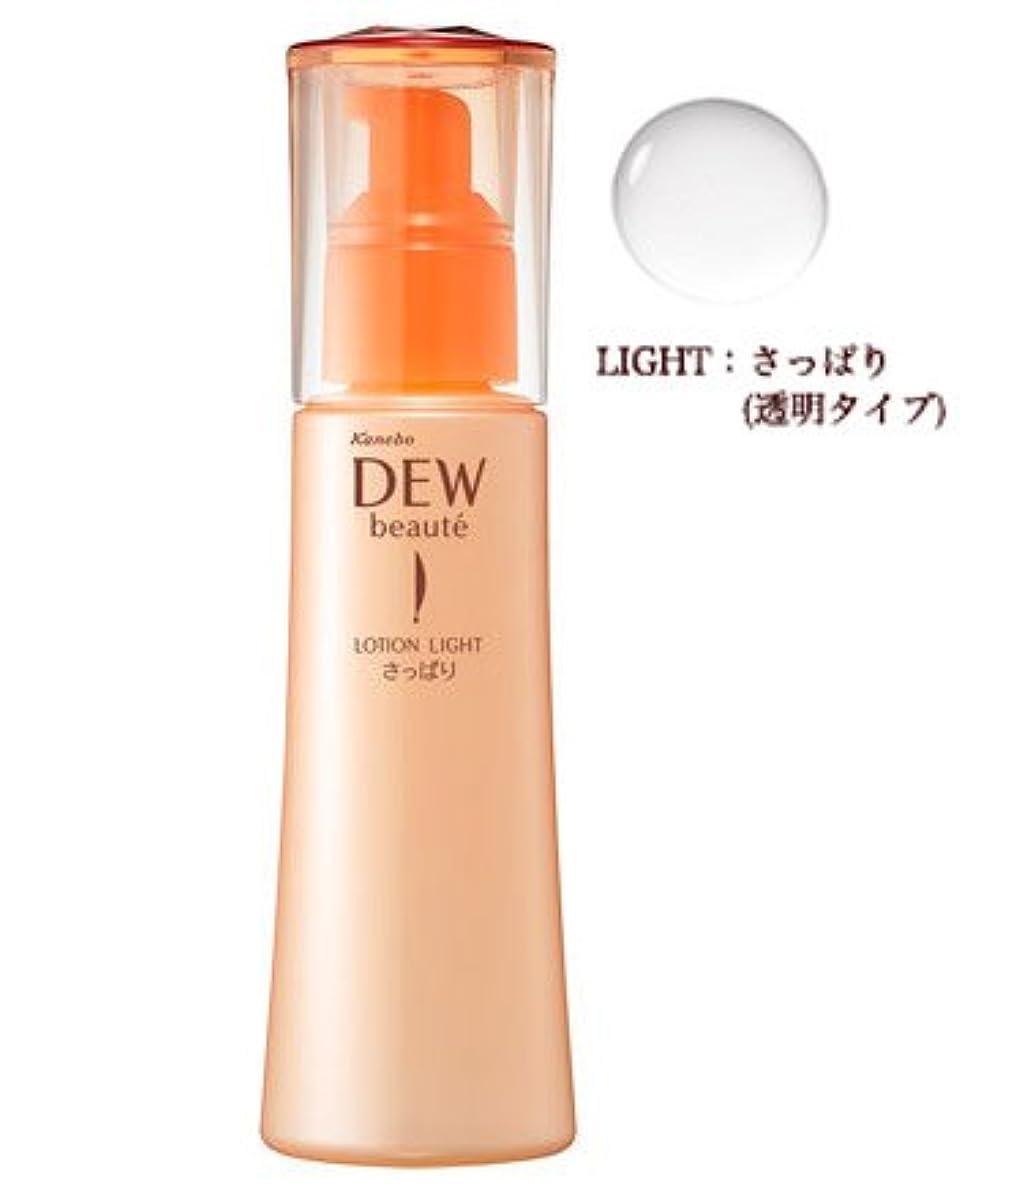 マインドフル物語造船【カネボウ化粧品】DEW ボーテ ローションライト 150ml